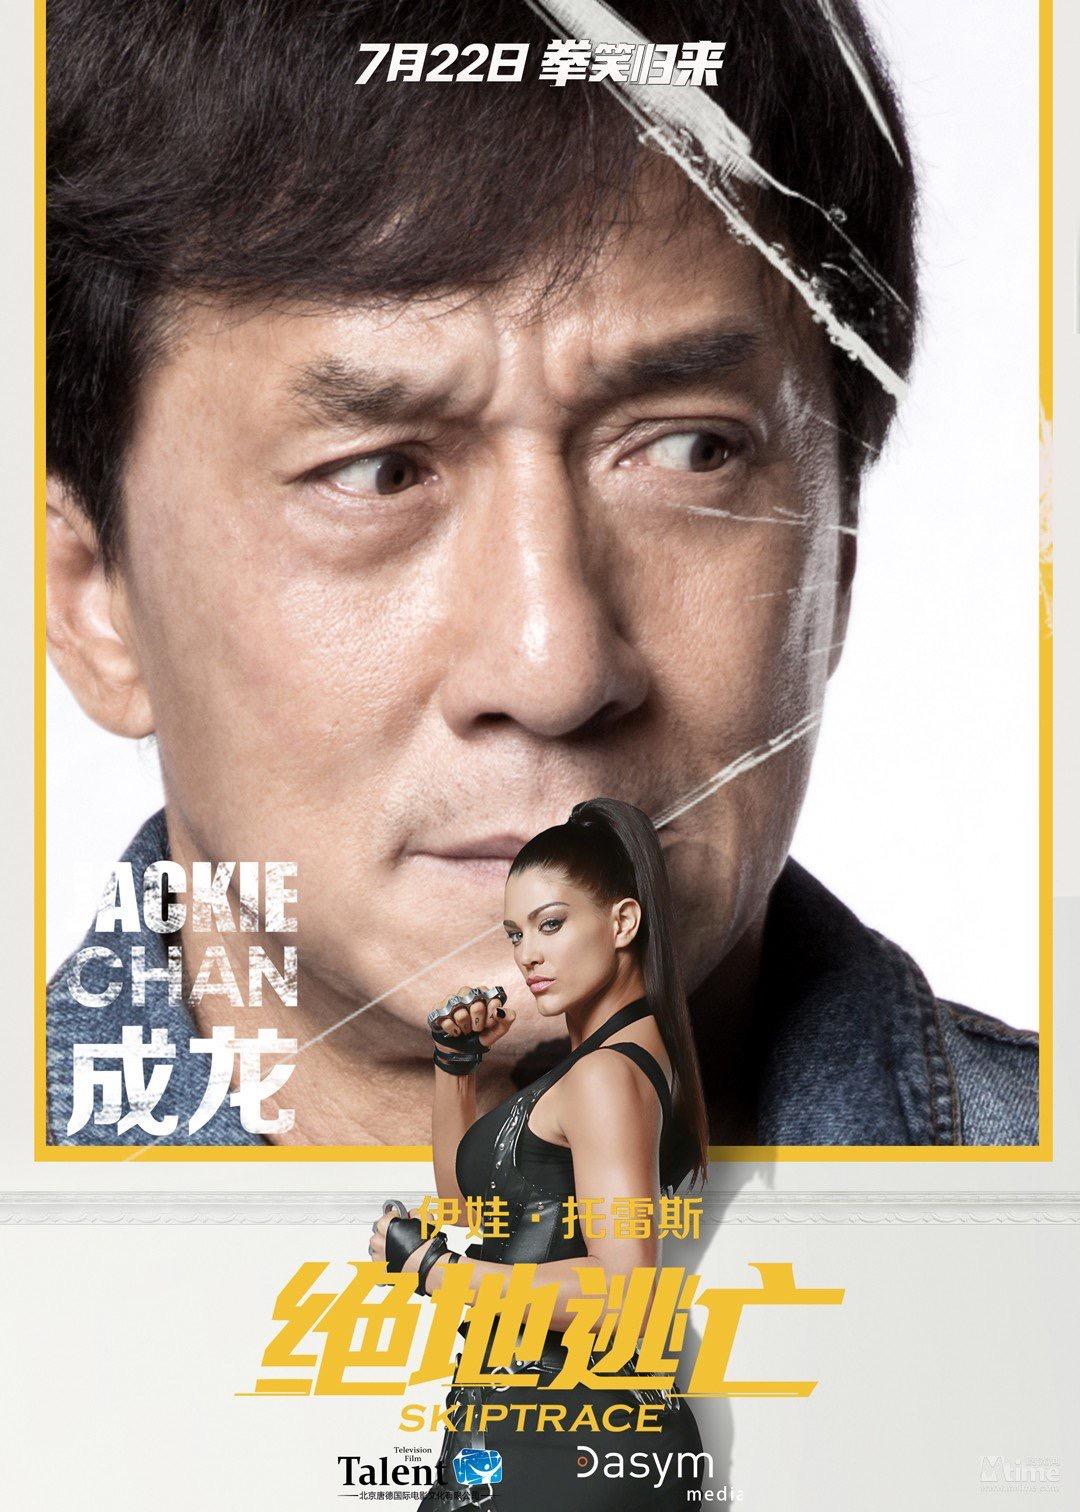 Трейлеры и промо-материалы к грядущим фильмам Джеки Чана 5